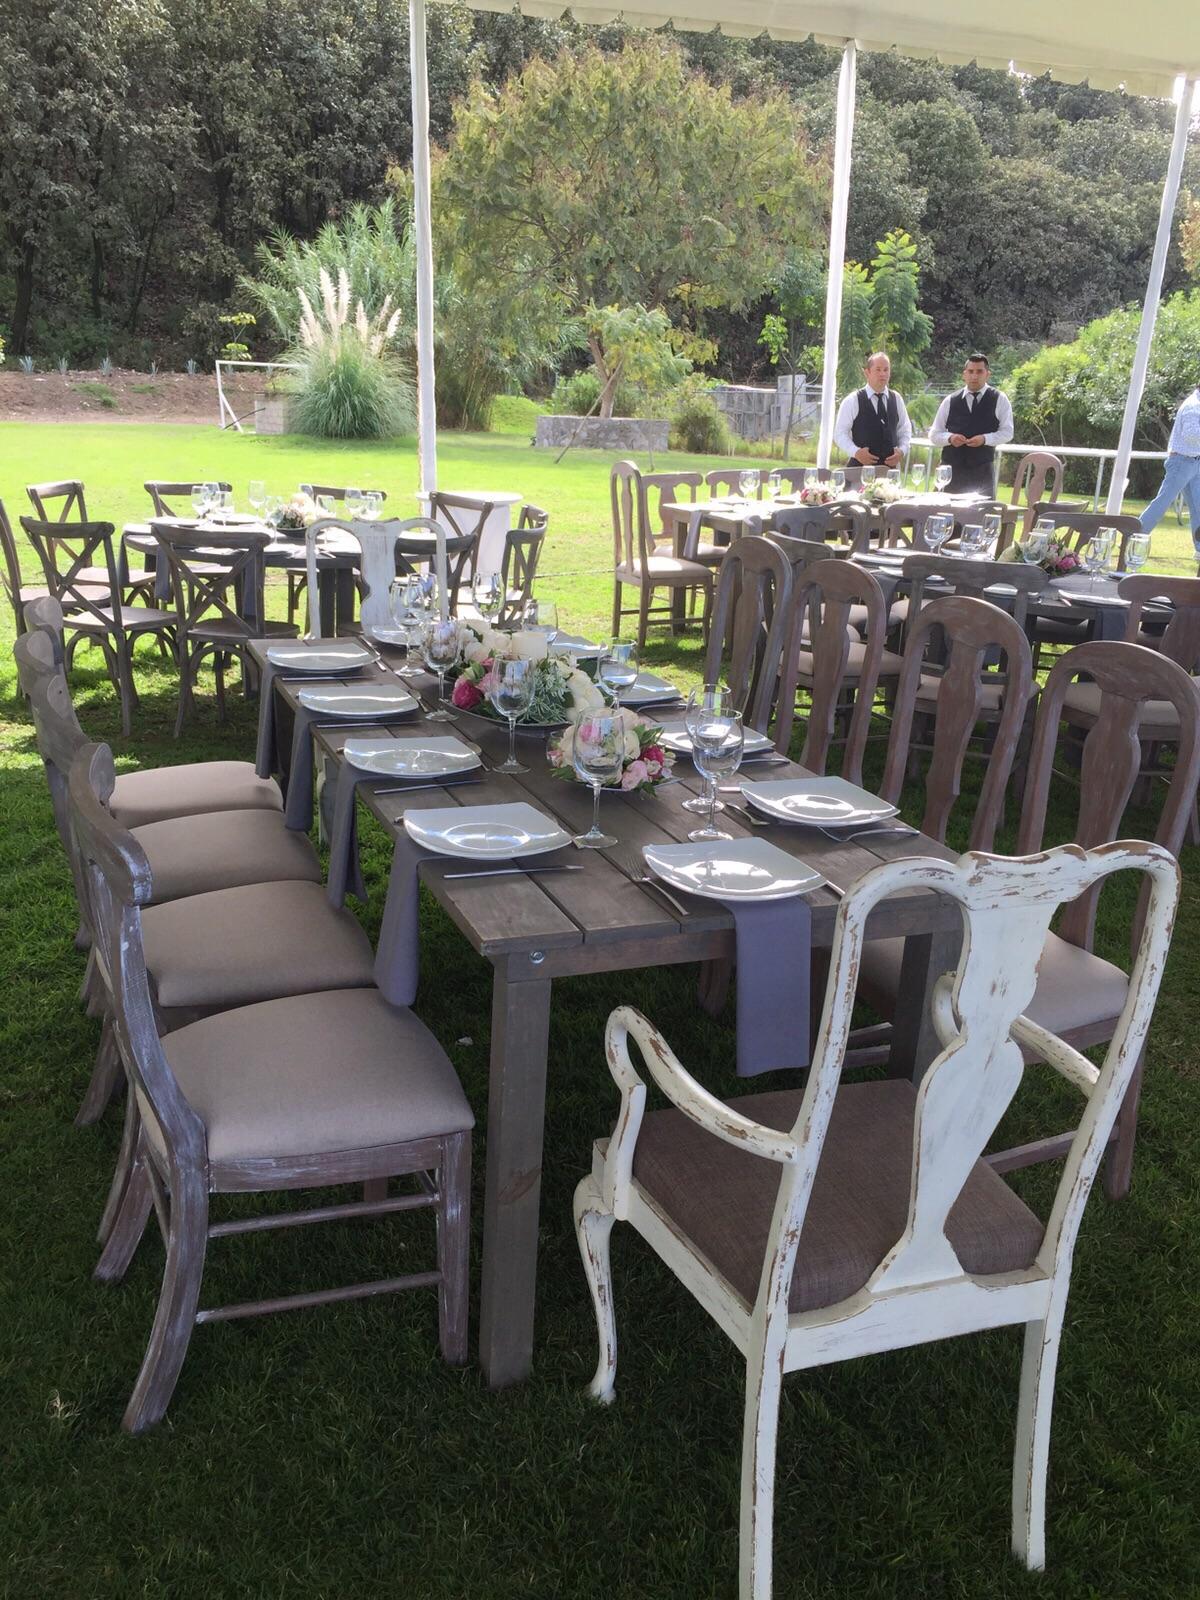 Mobiliario xv a os terraza para eventos bodas bautizos for Cubre sillas para 15 anos